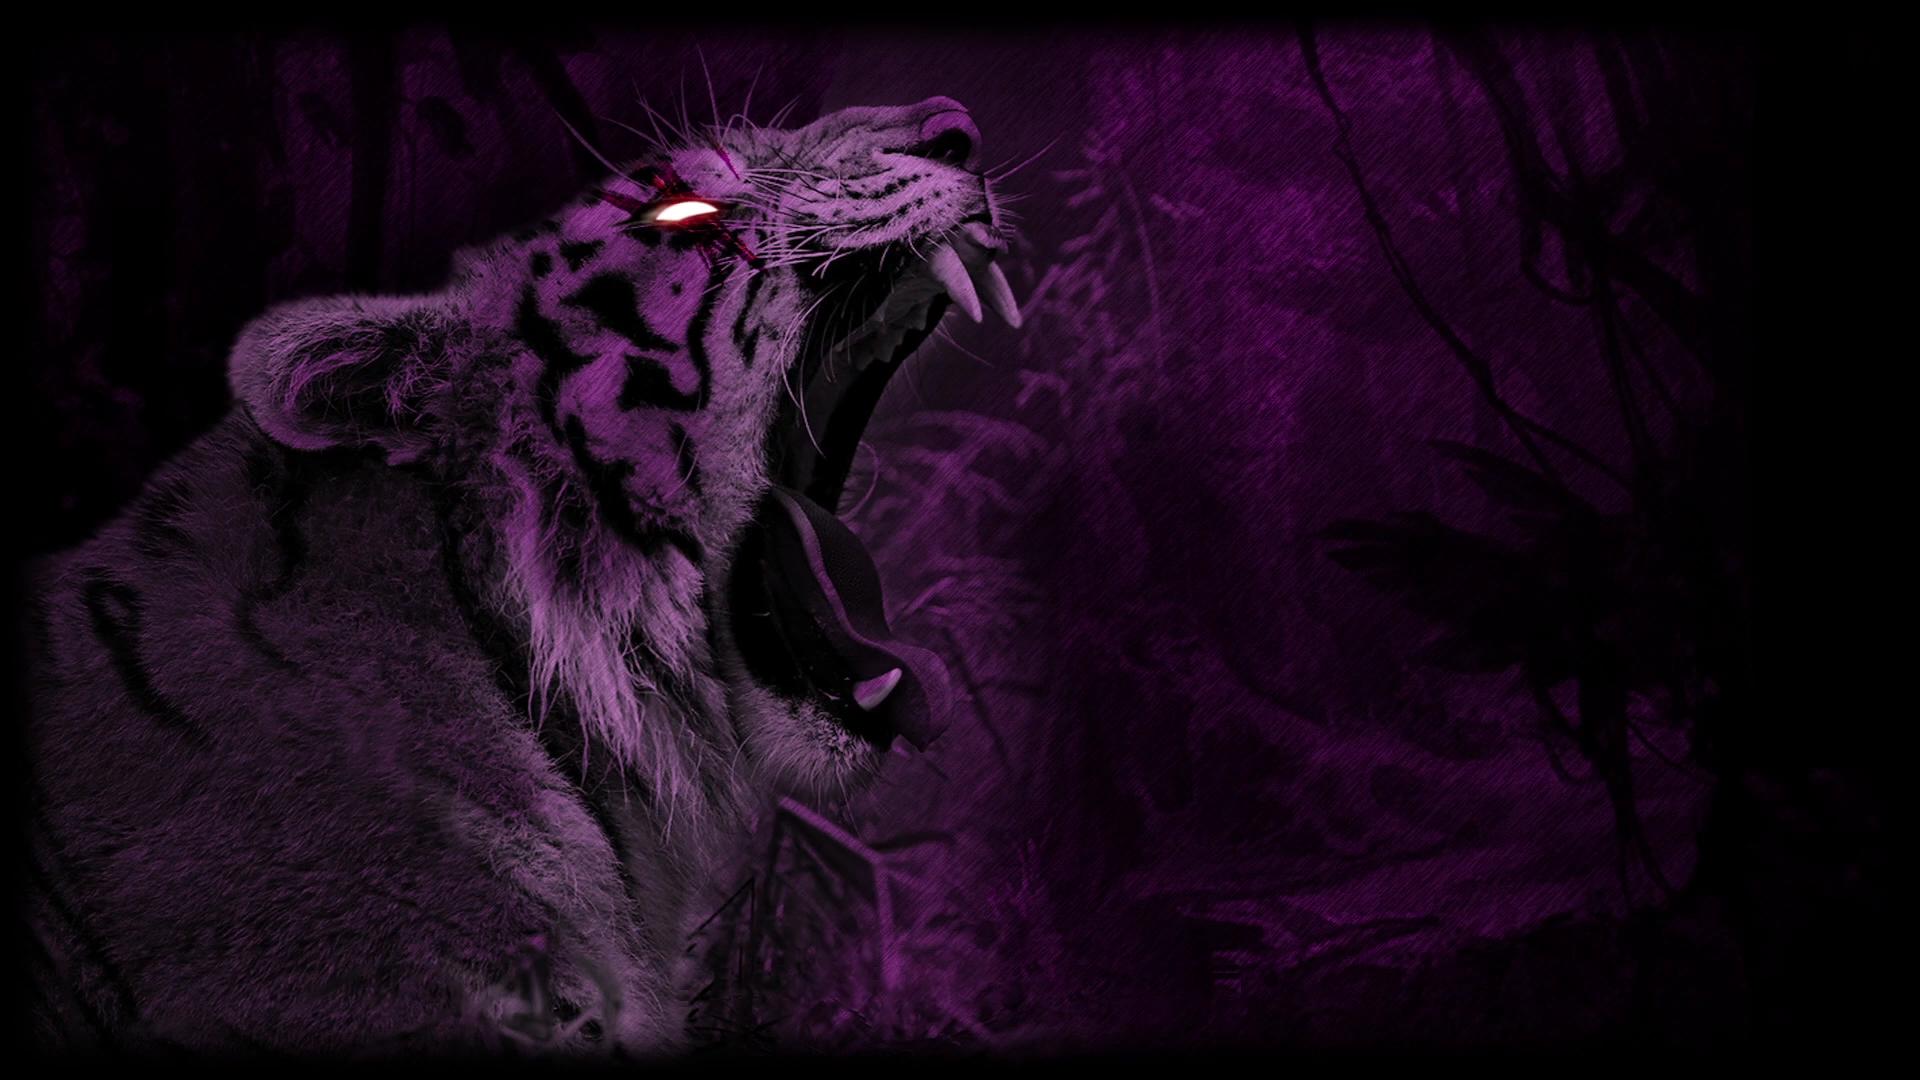 Life Of Black Tiger Wallpaper 1 By Mako176 On Deviantart